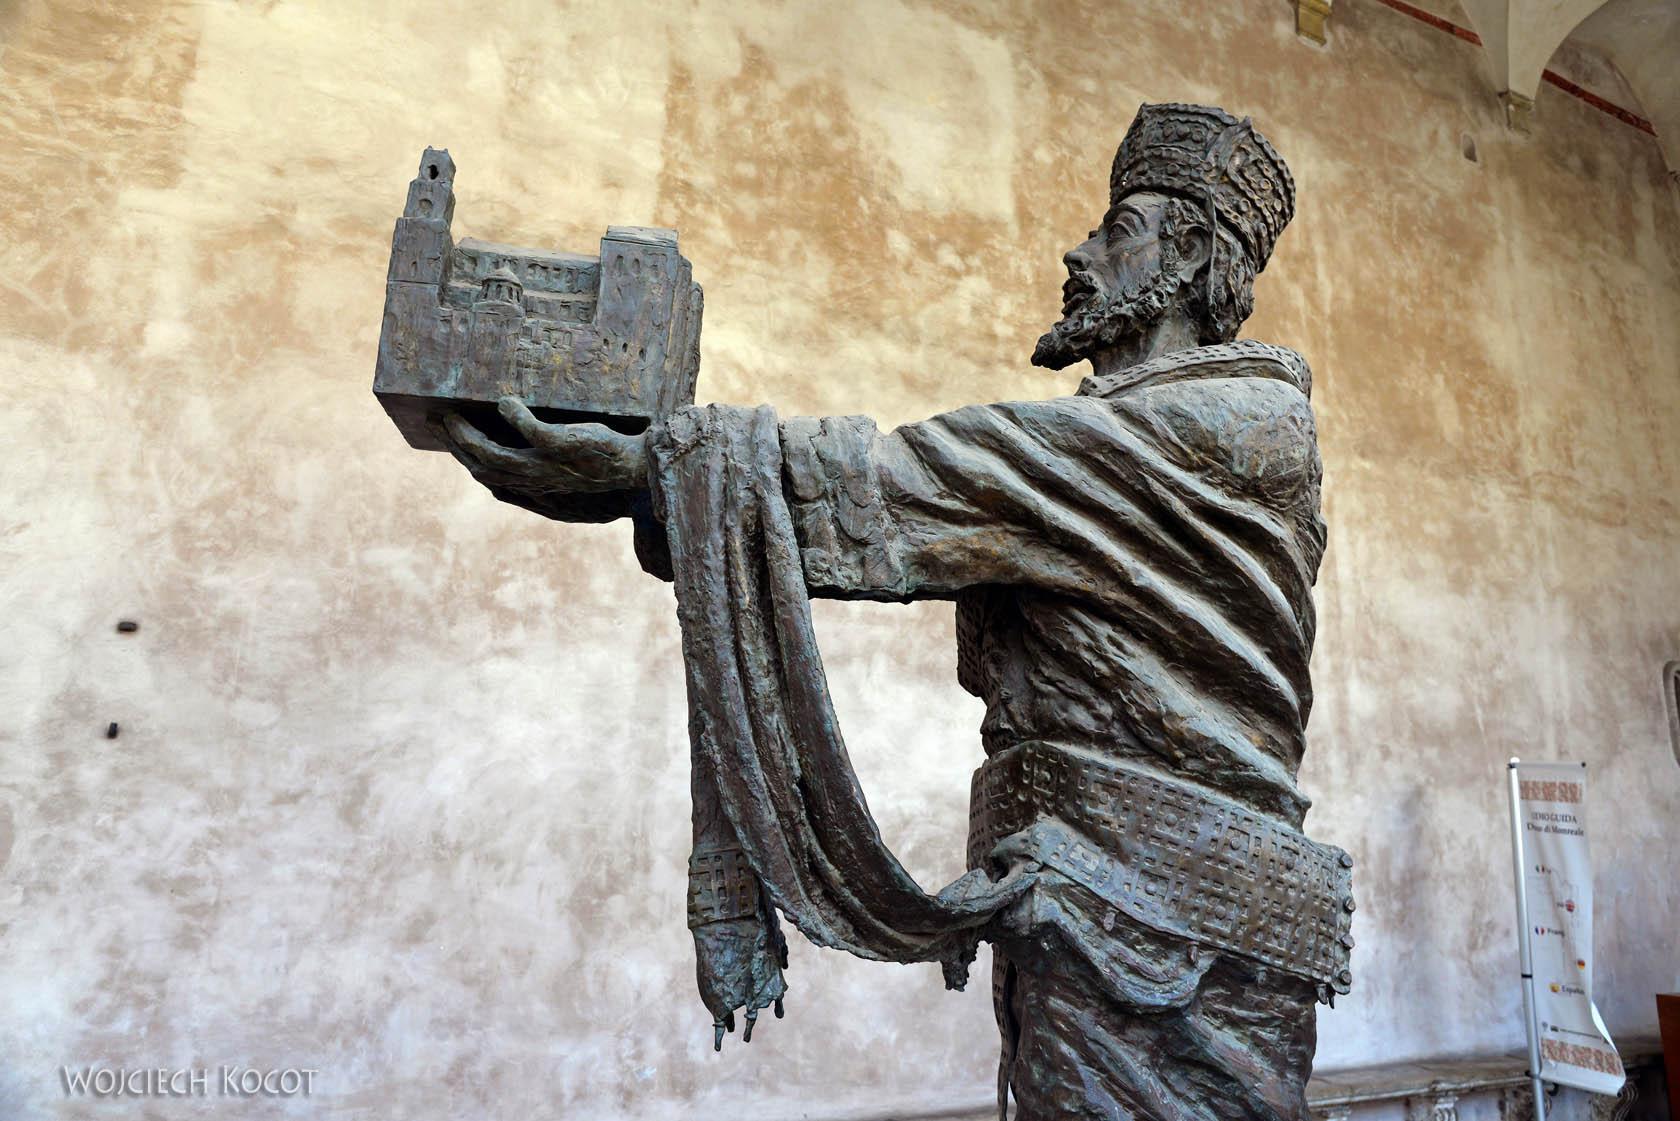 Syj076-Przy wejściu do Katedry w Monreale